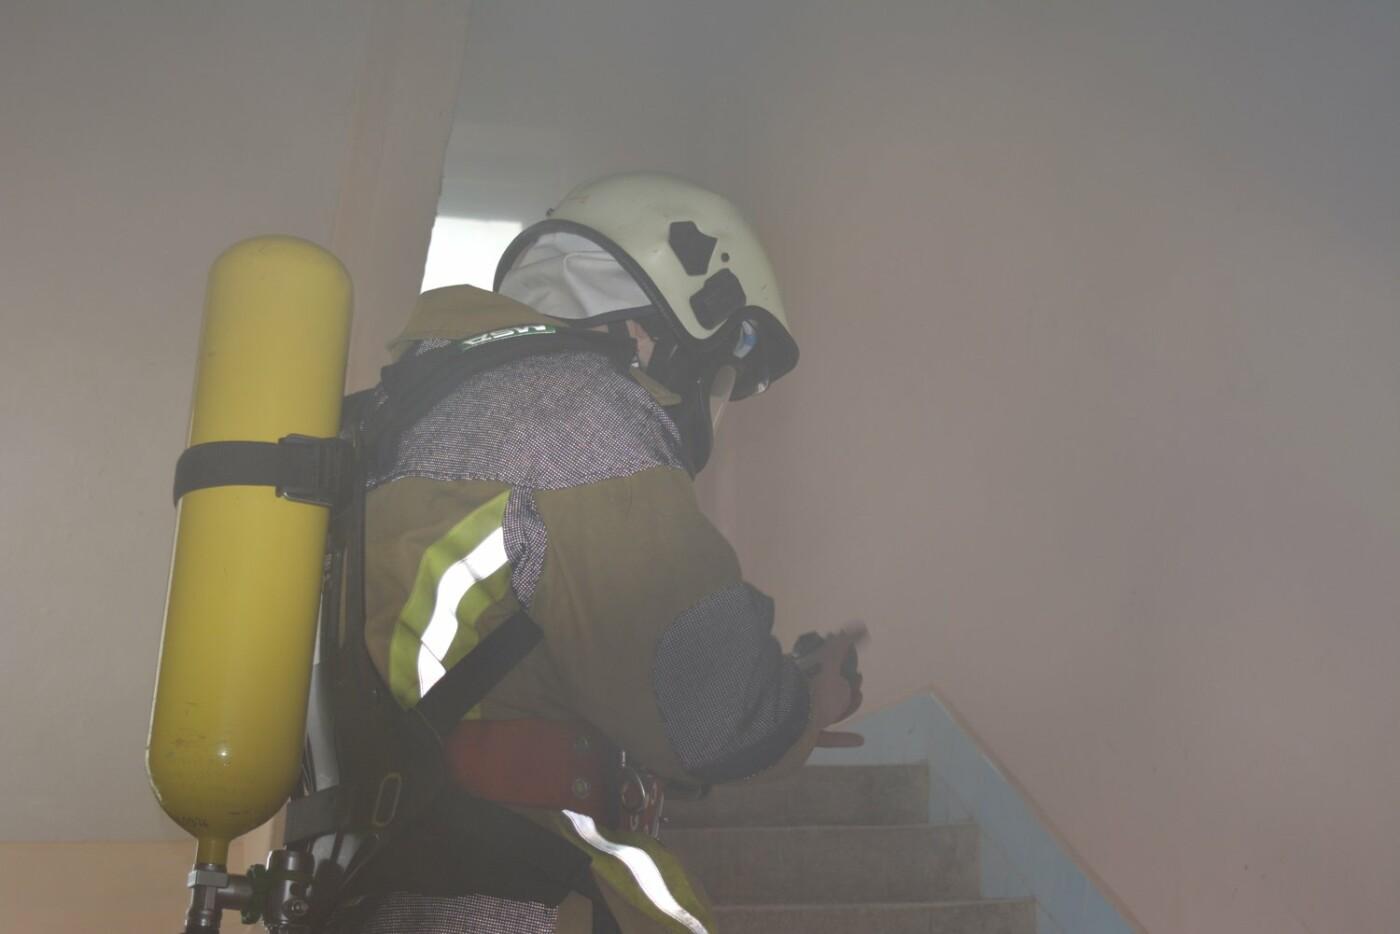 В Ужгороді - пожежа в готелі на Собранецькій: 42-х людей евакуйовано, ще одного врятували від смерті (ФОТО, ВІДЕО), фото-2